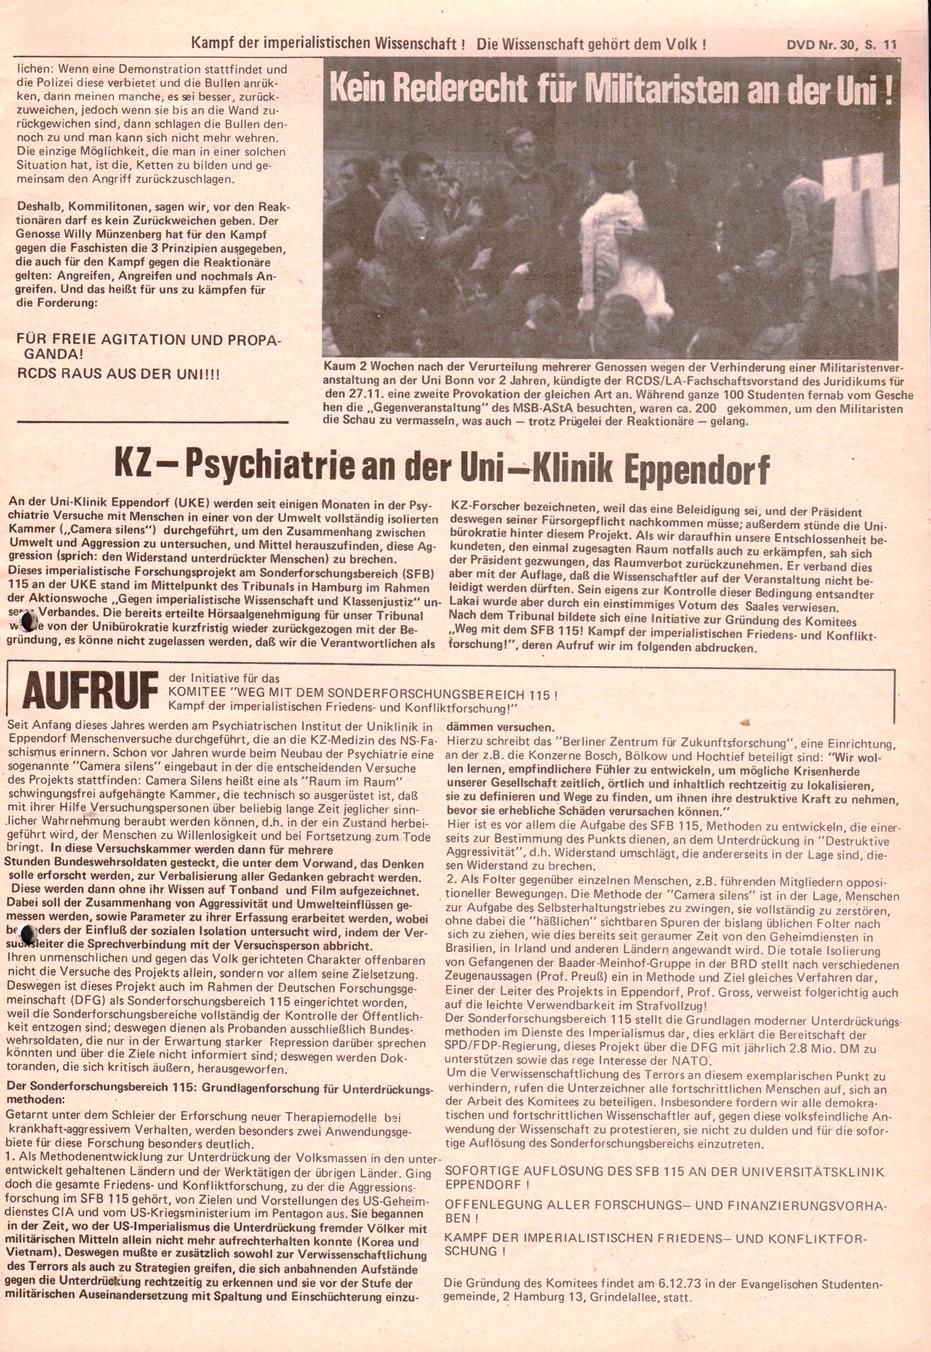 Dortmund_KSV_DVD_19731205_11